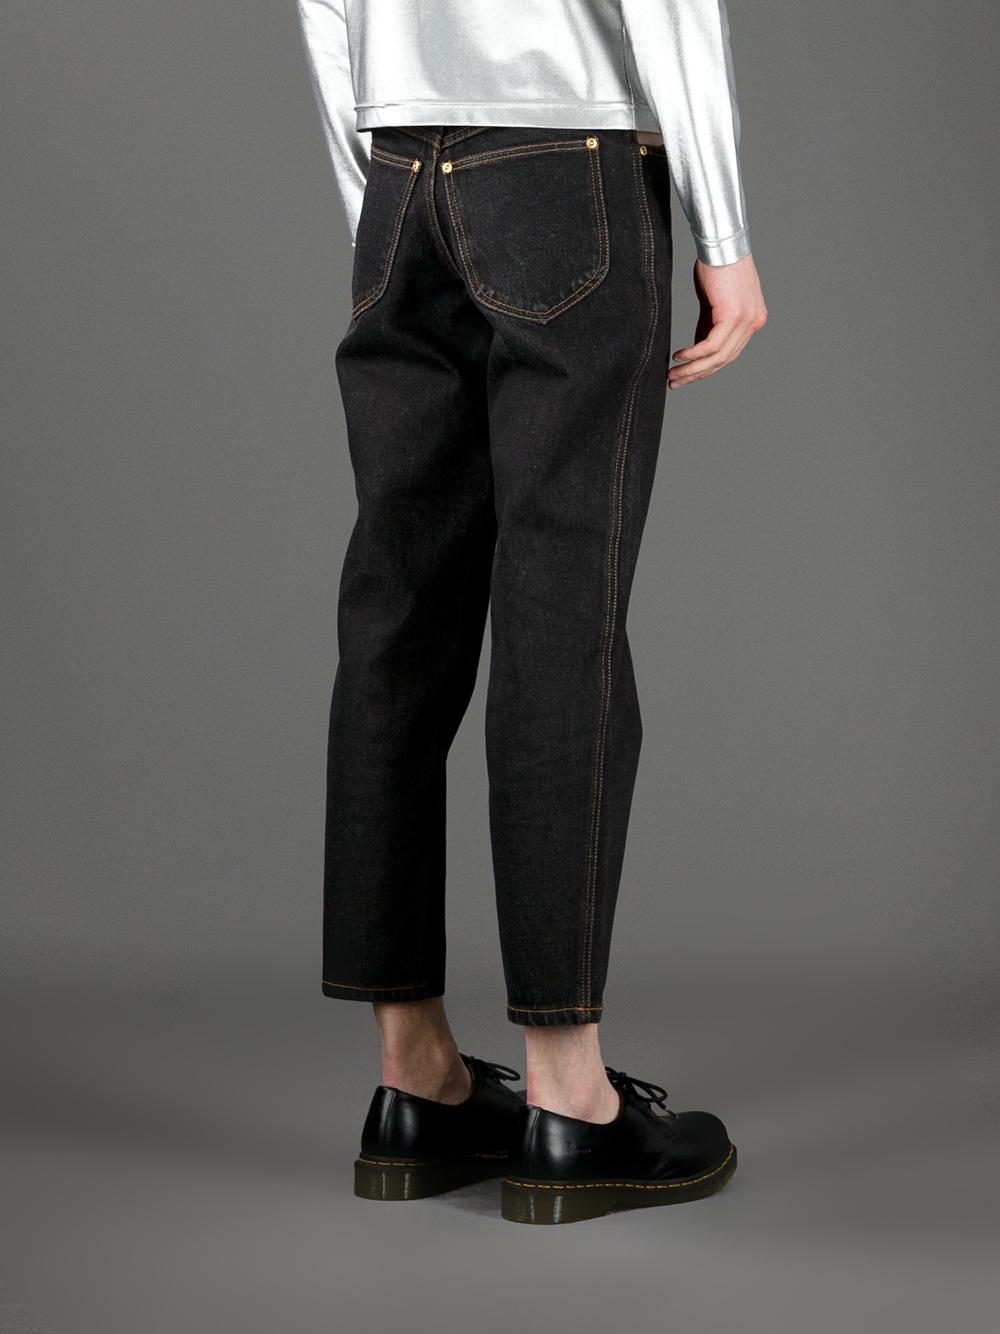 Lyst Jean Paul Gaultier Cut Away Cropped Jeans In Black